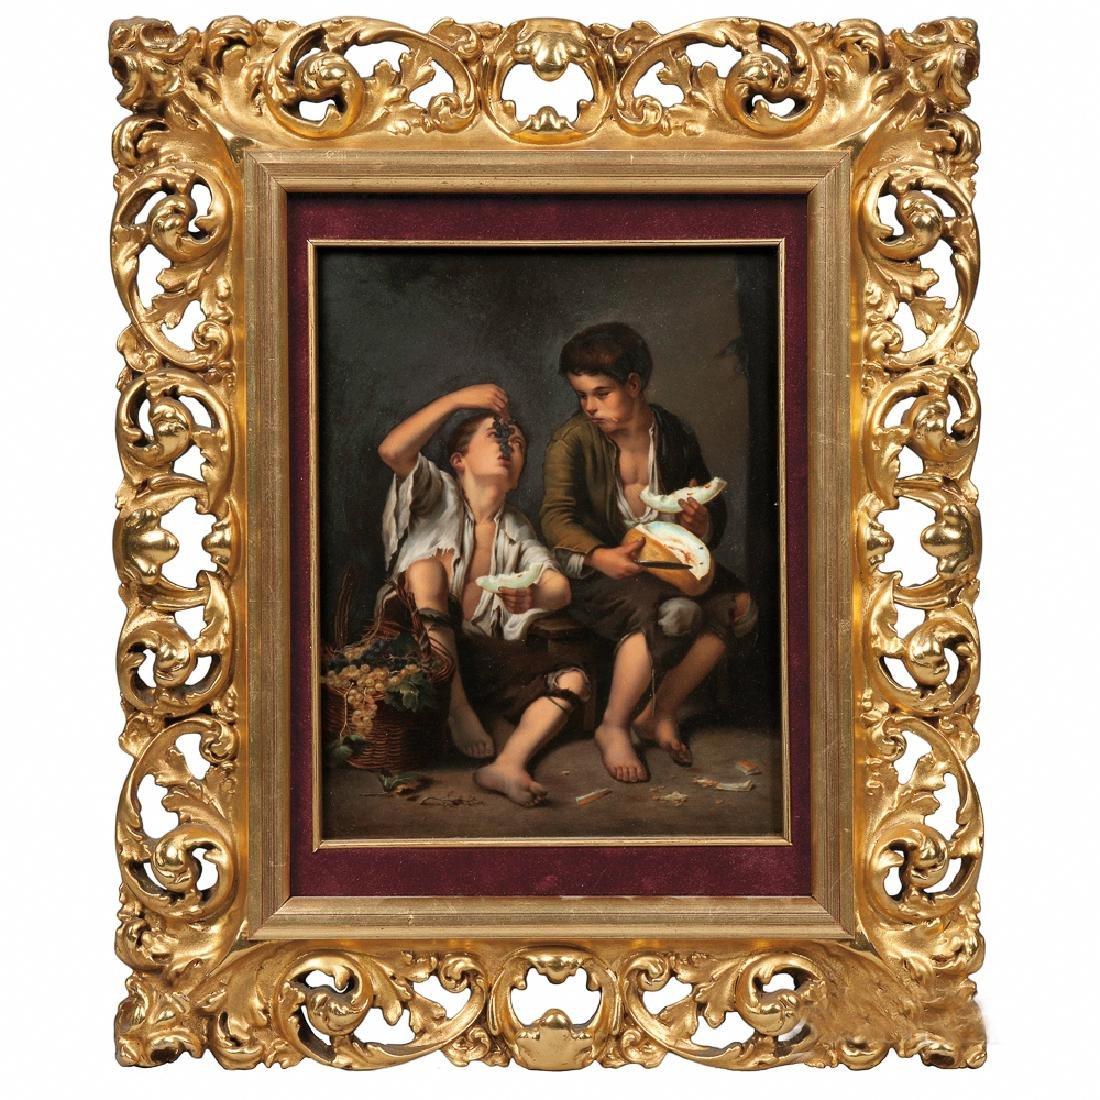 KPM Porcelain Plaque Depicting Boys